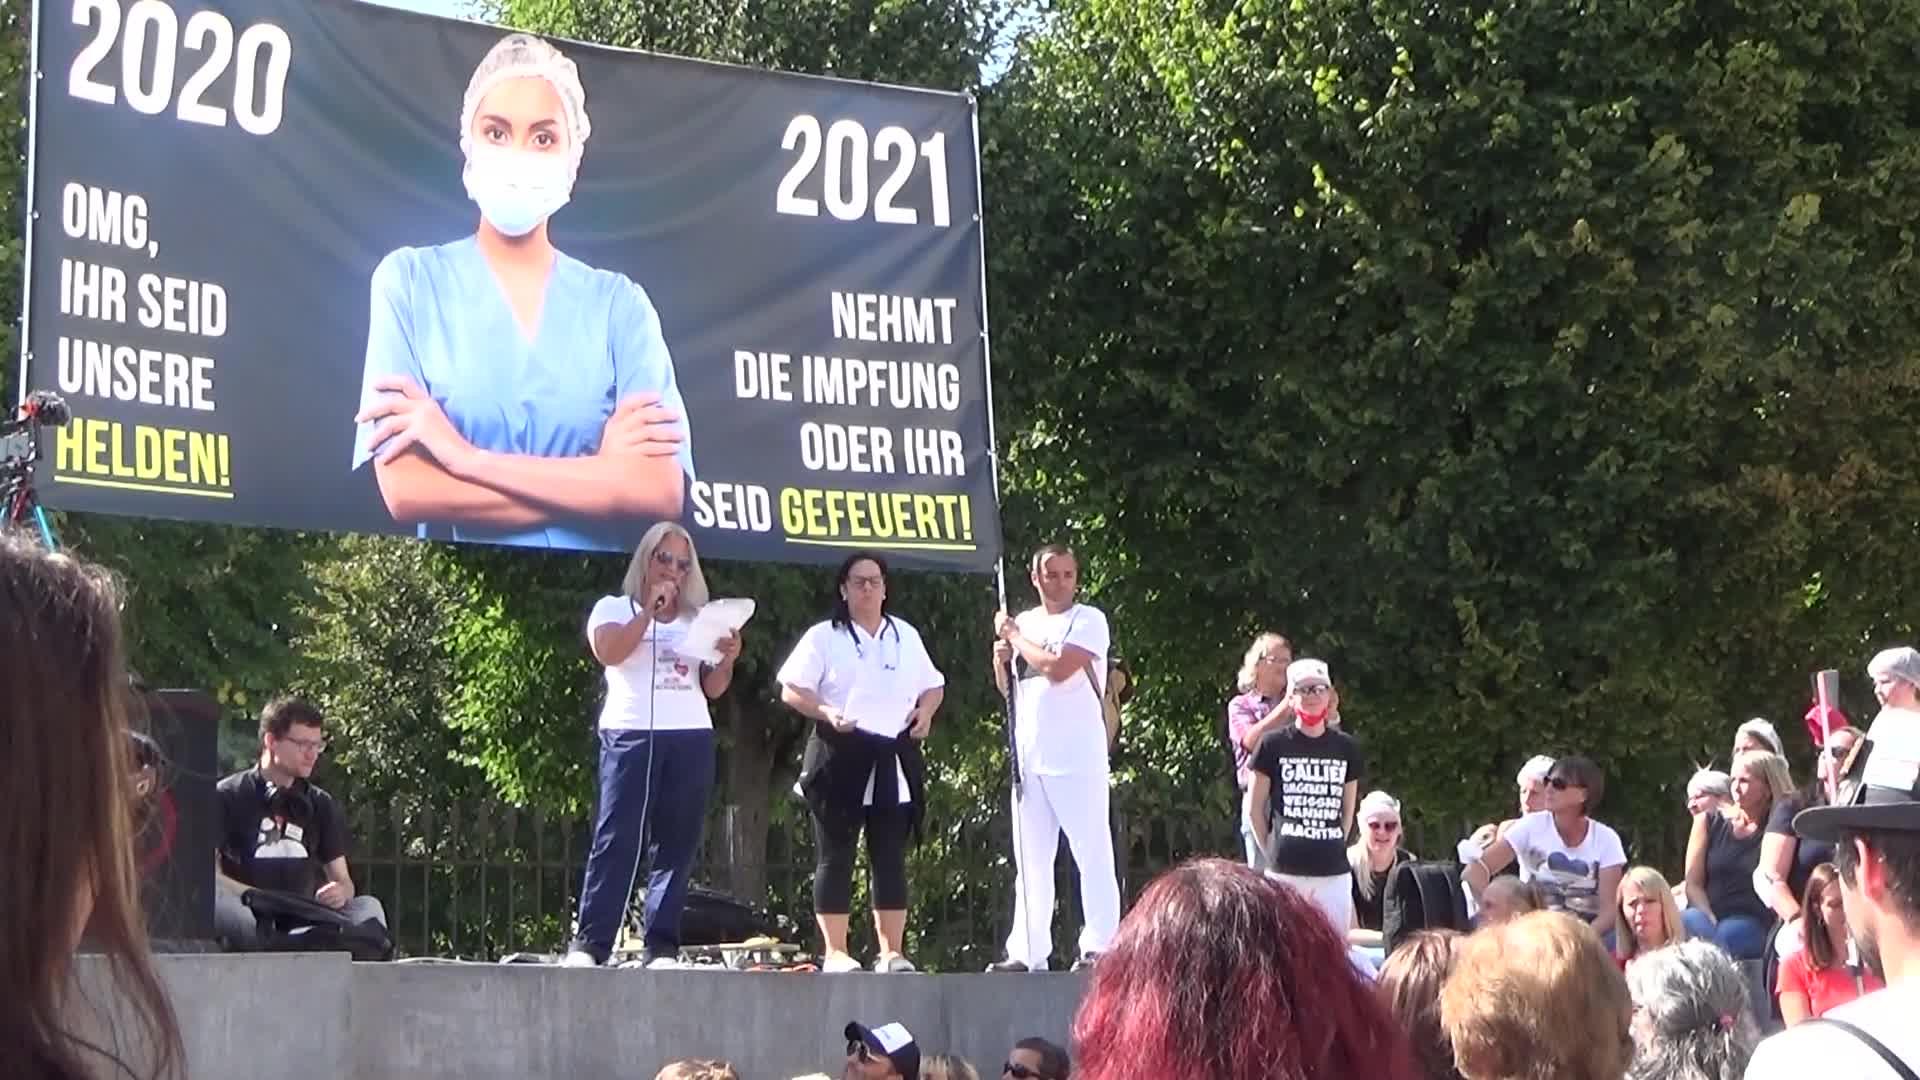 Impfzwang Muss das medizinische Personal erst die Arbeit niederlegen? 11.9.21 Wien Mediziner Demo